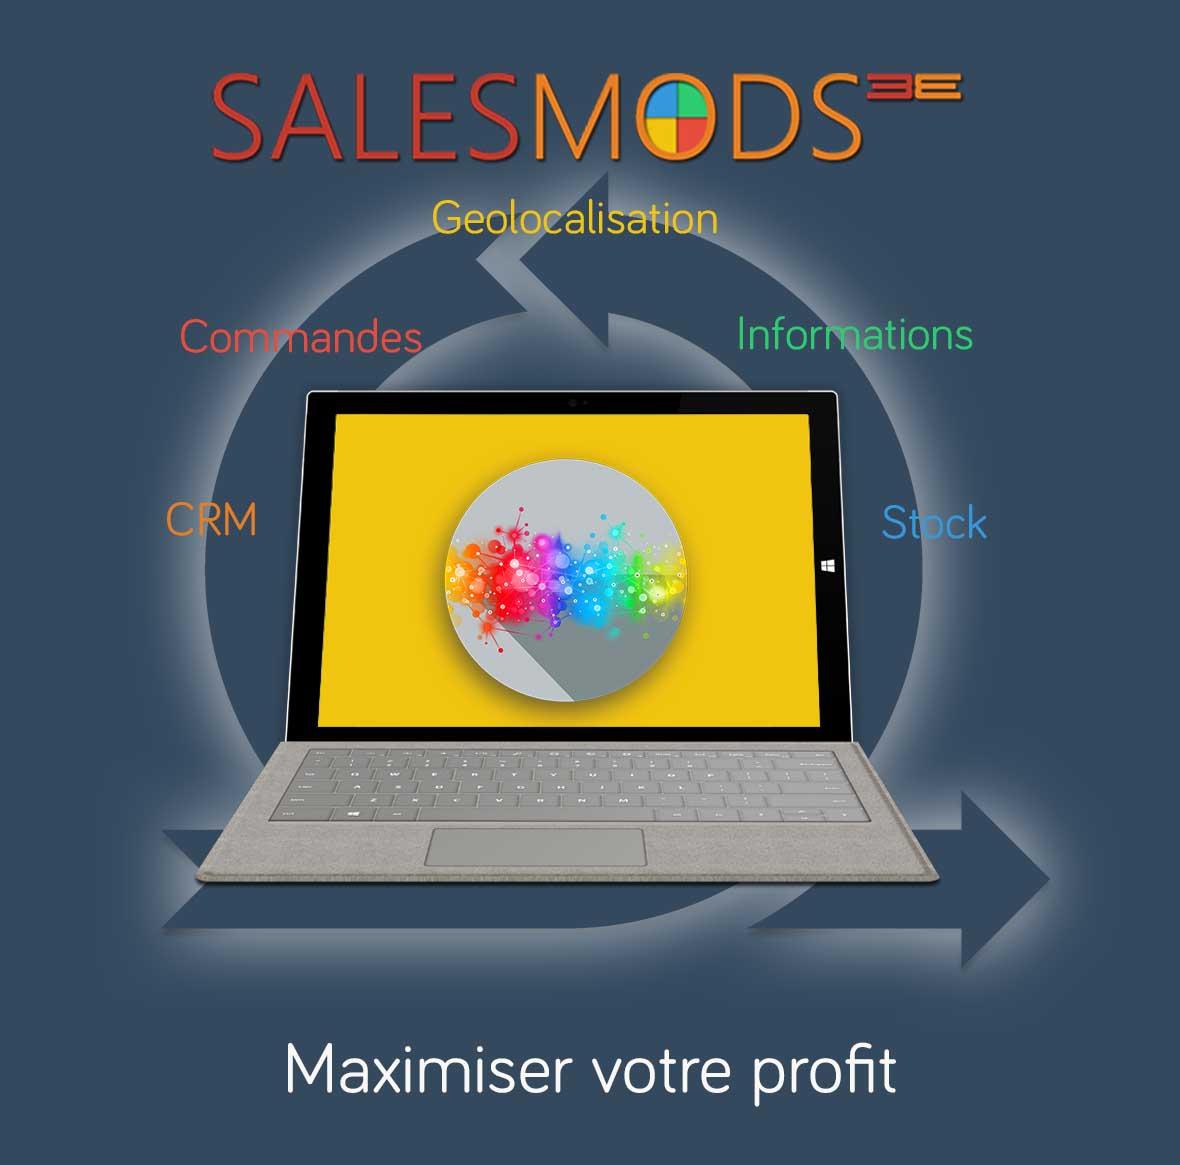 Plus d'information sur Vos Mods sur mesure dans SalesMods 3E: Intégrerez vos solutions IT existantes (ERP, CRM ...) pour afficher des informations supplémentaires qui augmentent la satisfaction client et vos ventes.